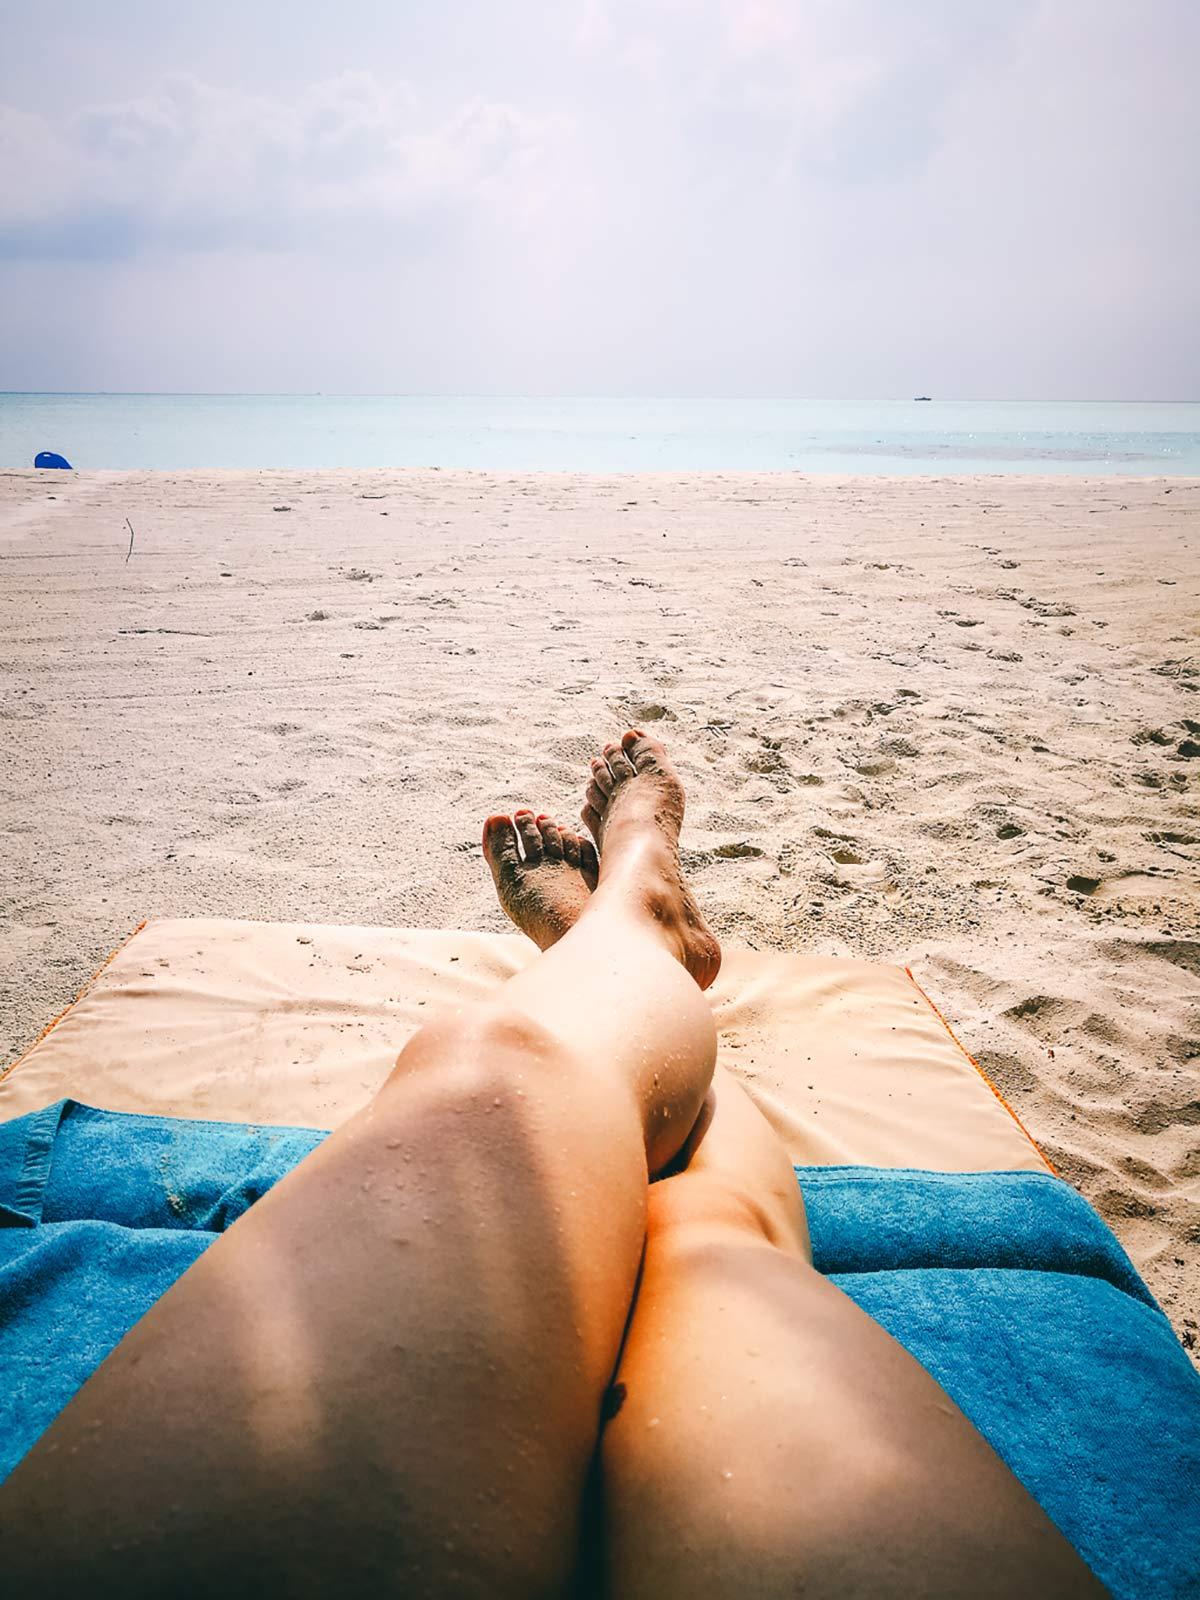 Strand Beine Malediven